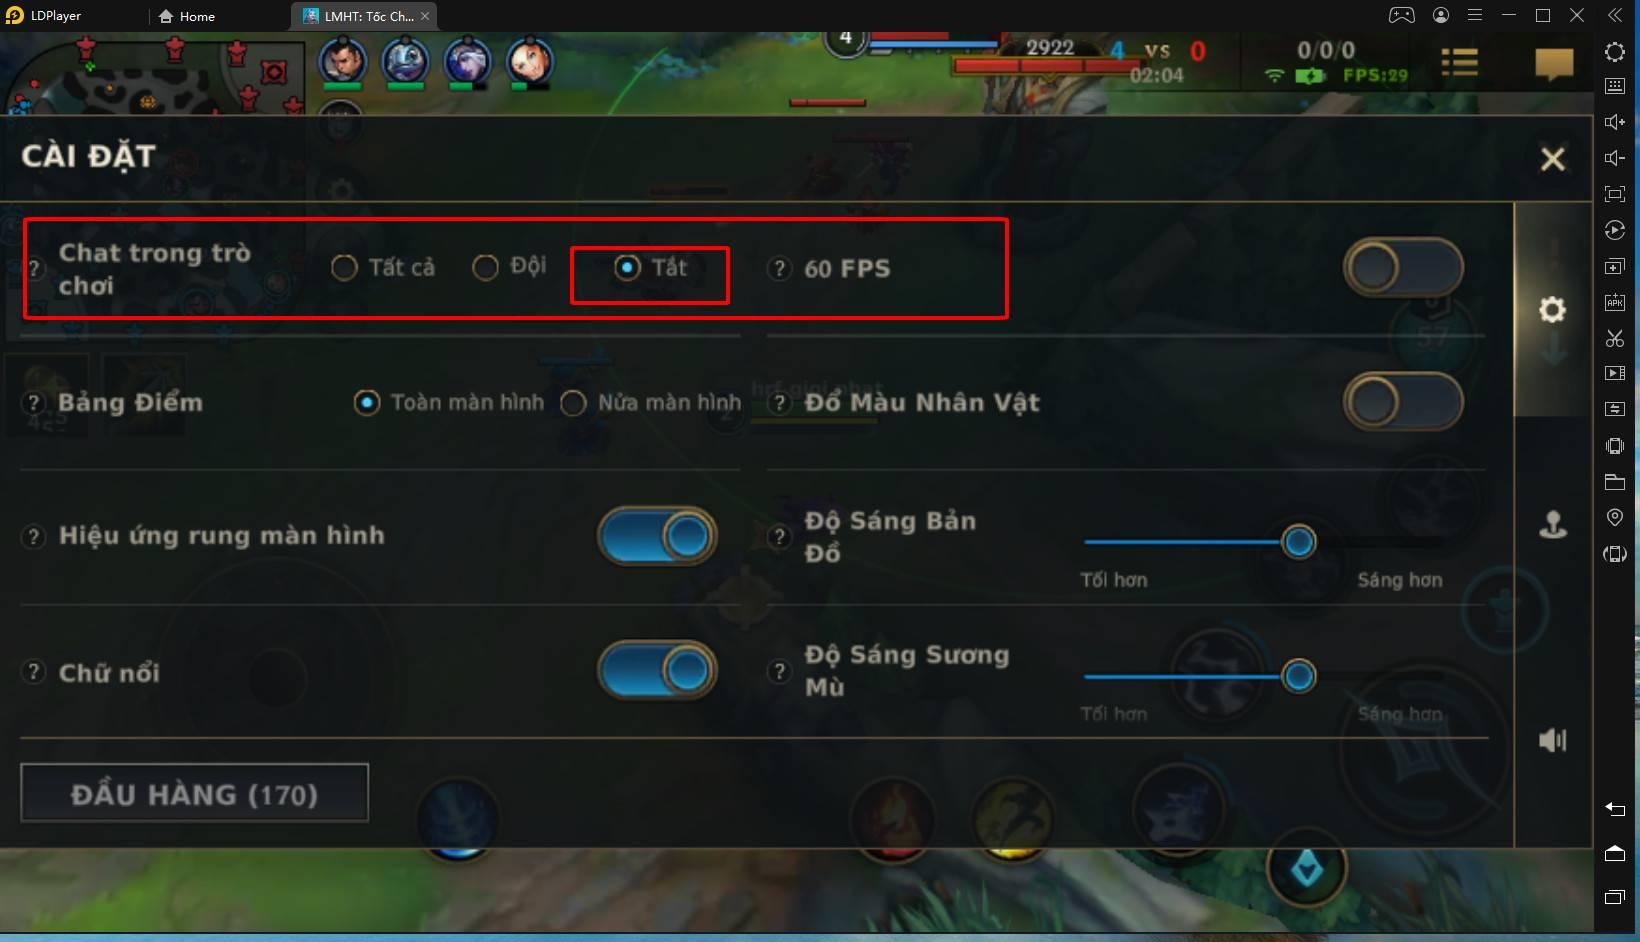 Cách bật 120 FPS cho LMHT: Tốc Chiến